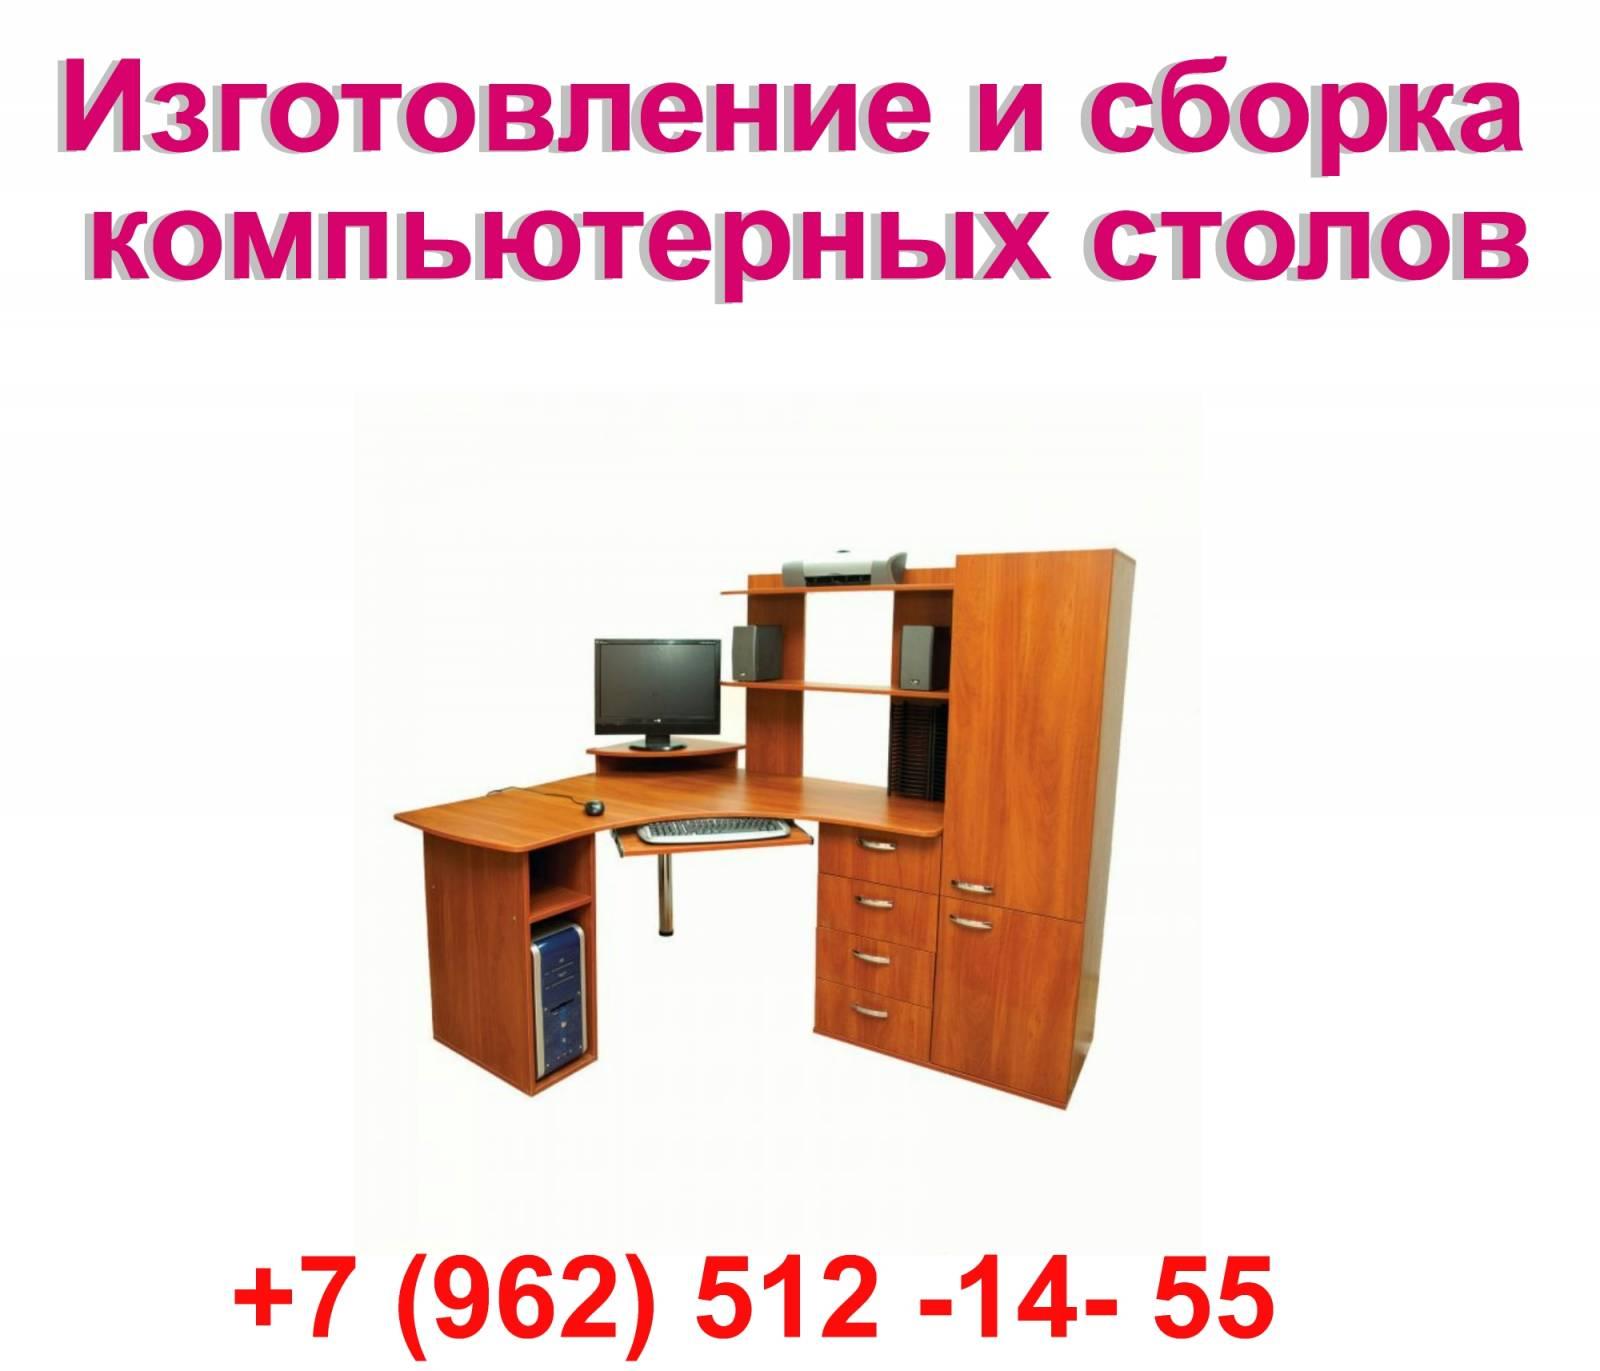 Мебель сборка- мебель на заказ - фотоальбомы - коммунальный .